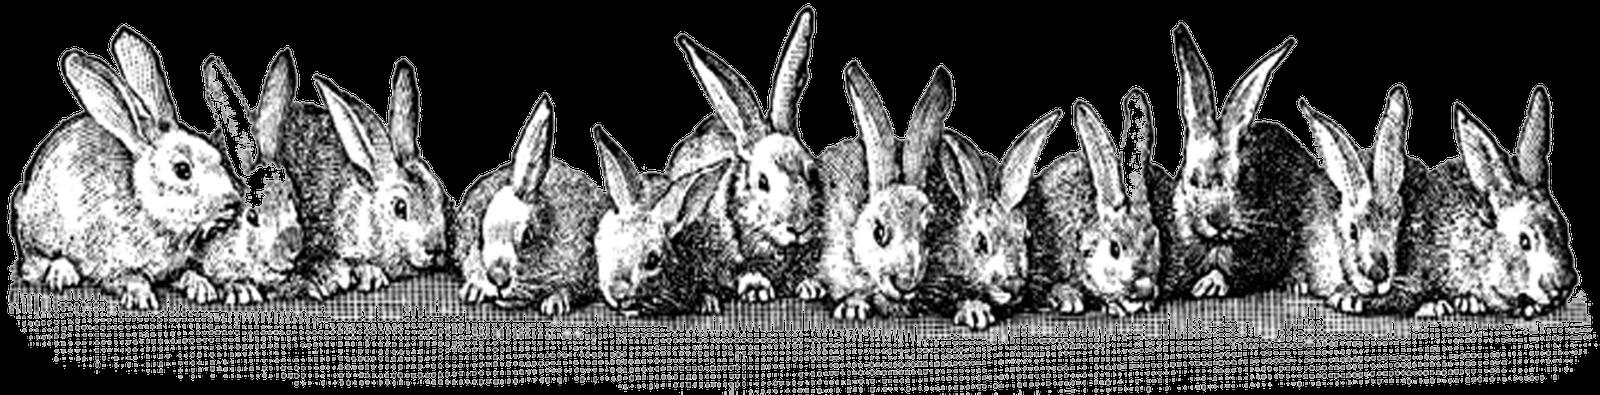 Free Easter Printable & Vintage Clip Art – Maggie Holmes Design svg freeuse download